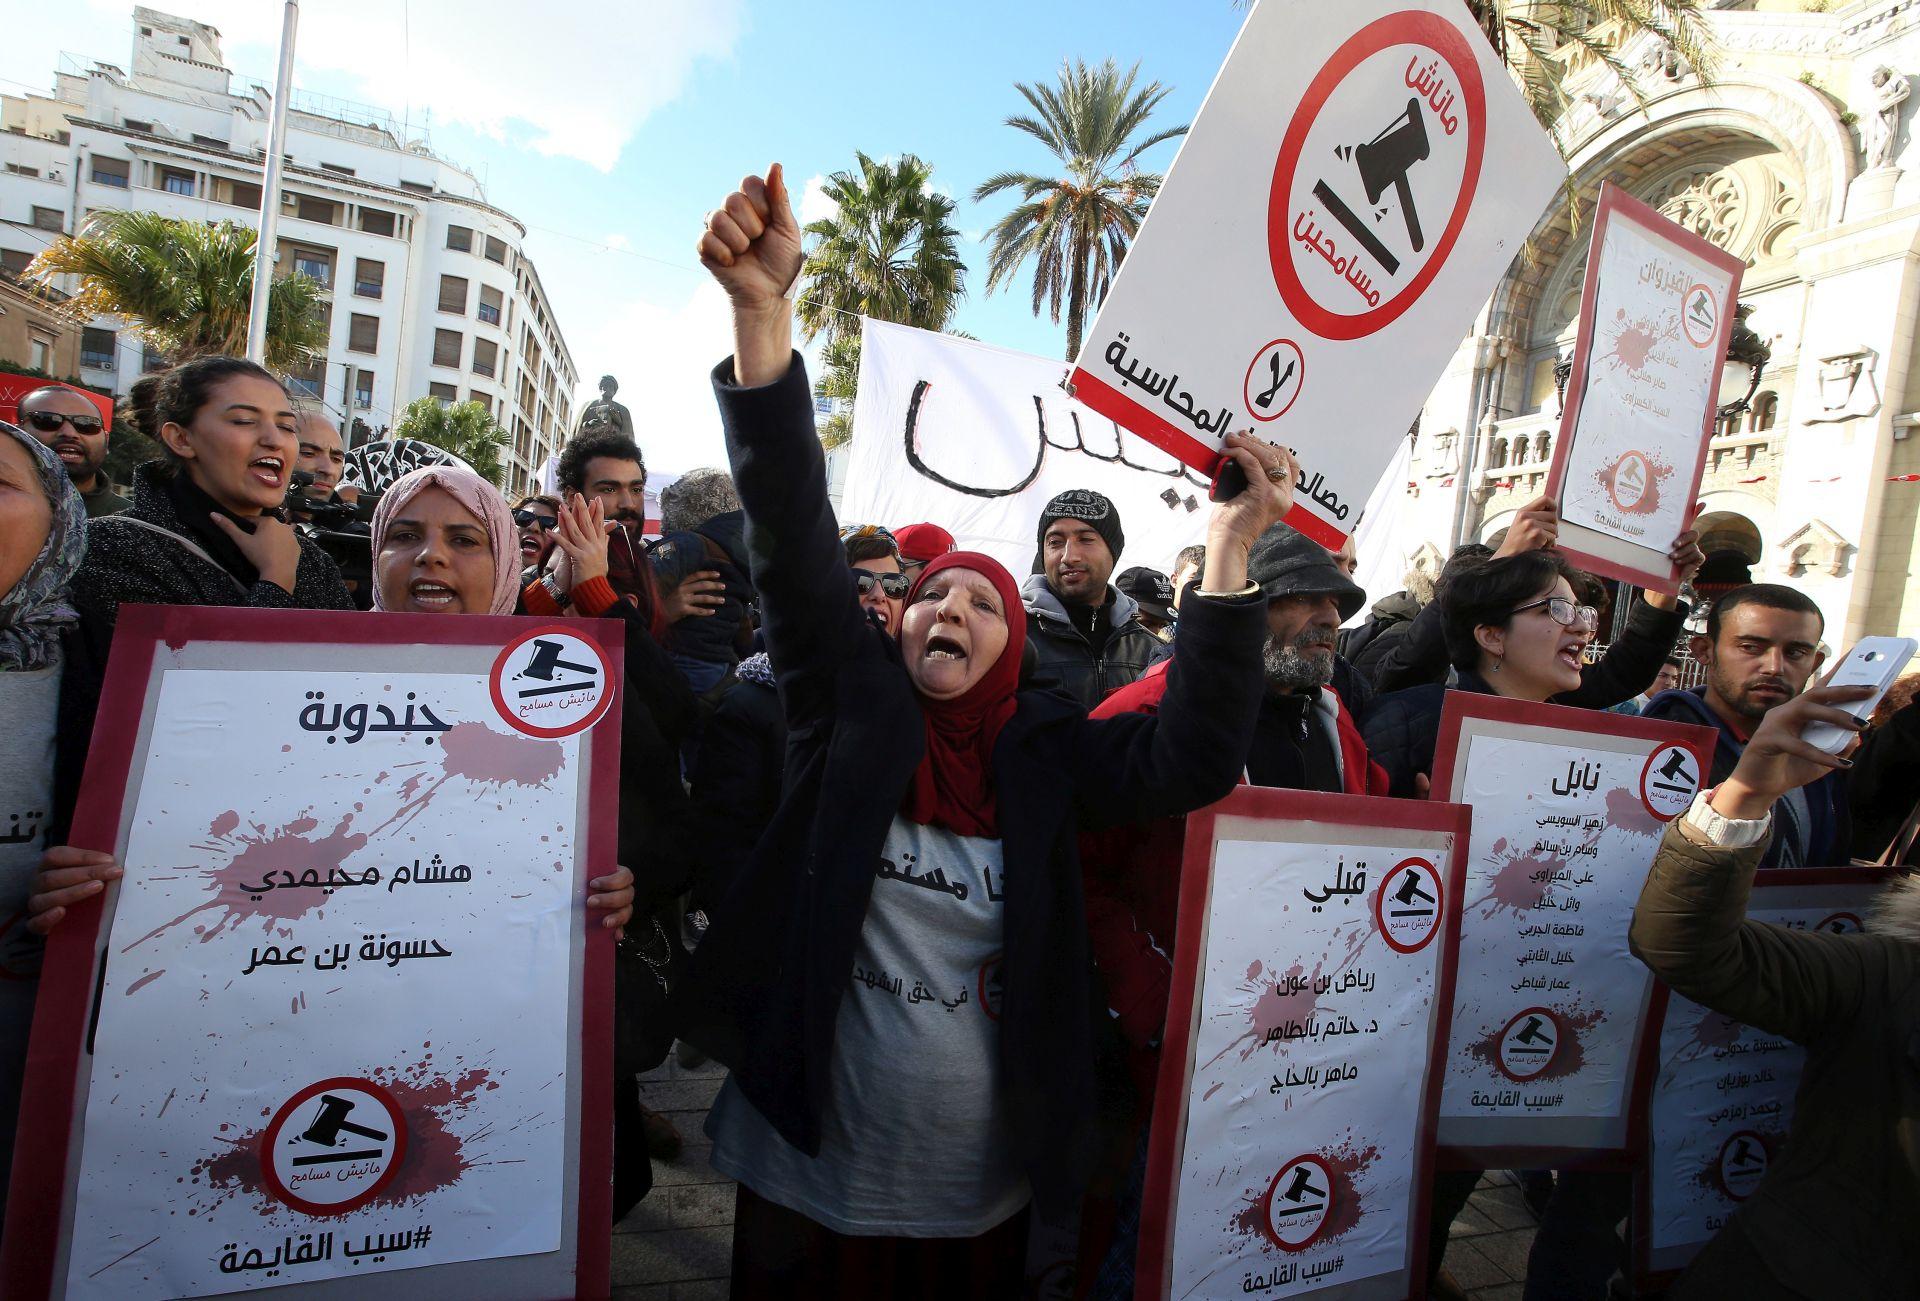 Uoči obljetnice Arapskog proljeća, Tunis najavio veću pomoć siromašnima